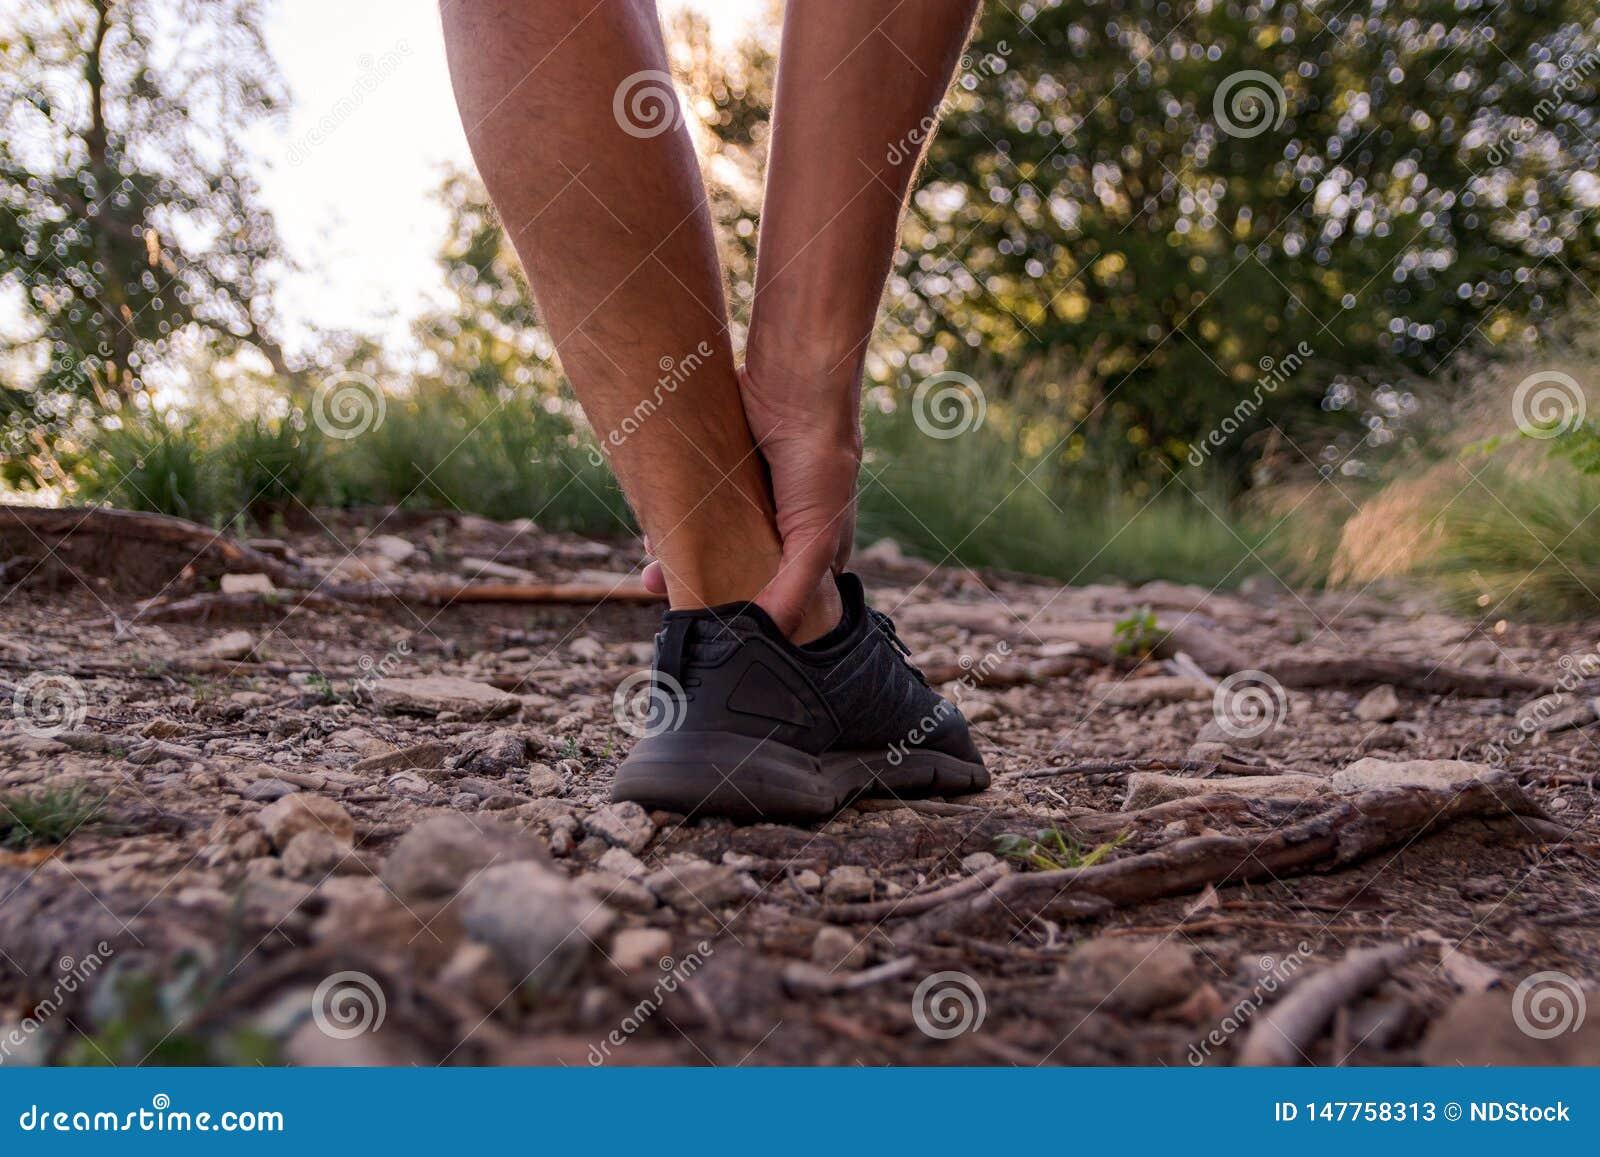 Mannelijke enkelverwonding tijdens jogging